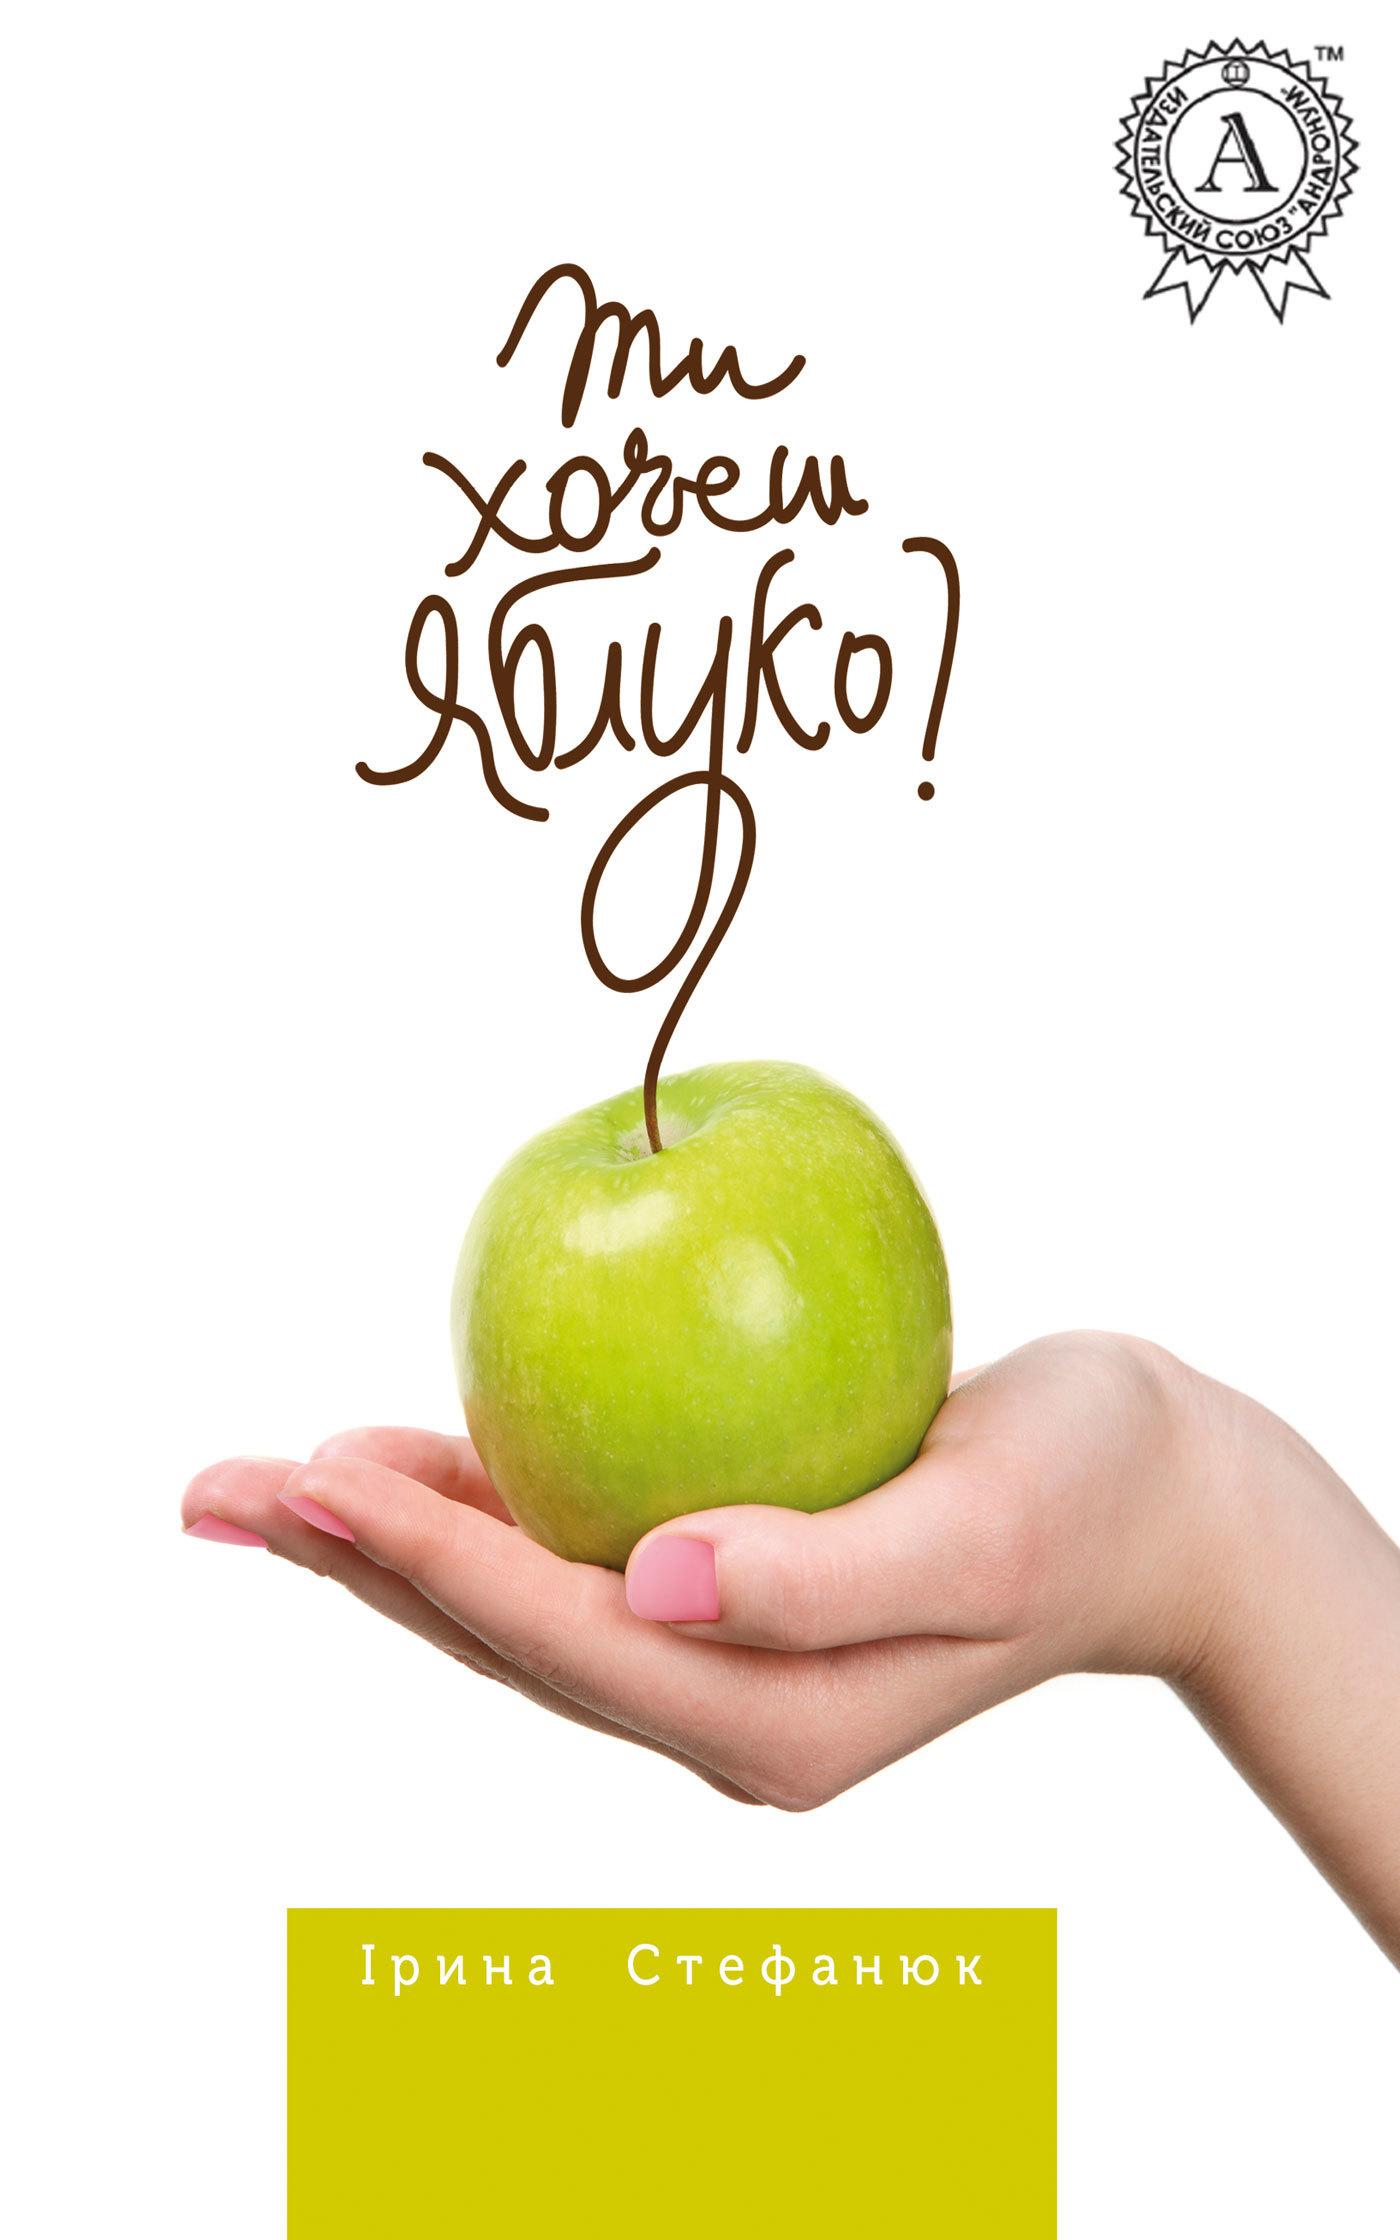 Ірина Стефанюк Ти хочеш яблуко? сборник історія україни очима письменників